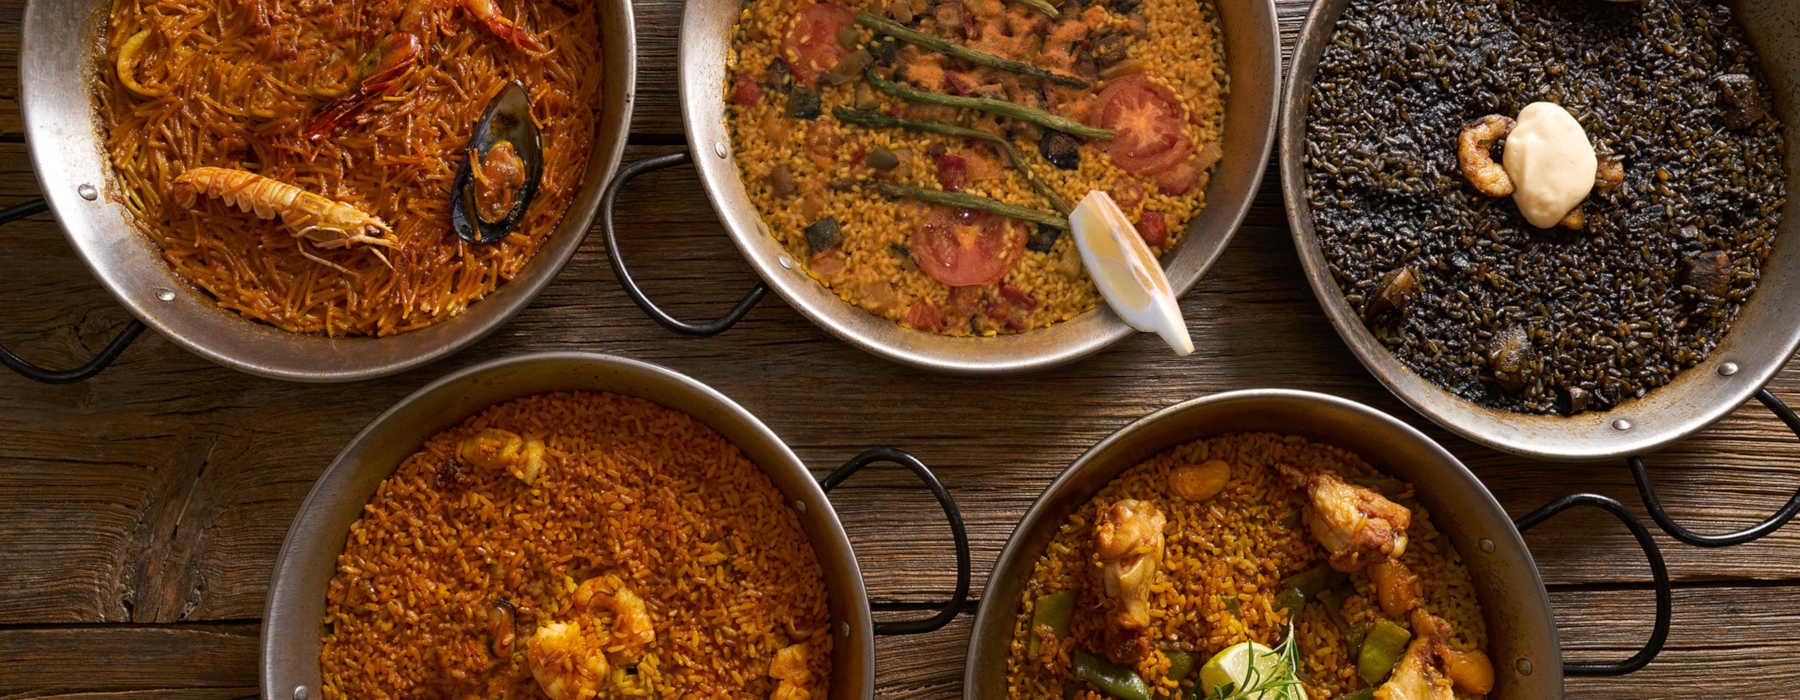 Paella Restaurante El Bobo